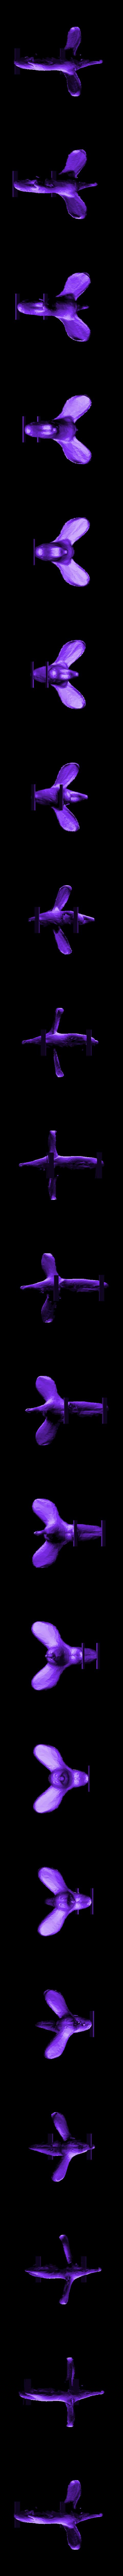 elefant_fly.stl Télécharger fichier STL gratuit Mouse and Elefant phantasy figure • Design pour imprimante 3D, squiqui